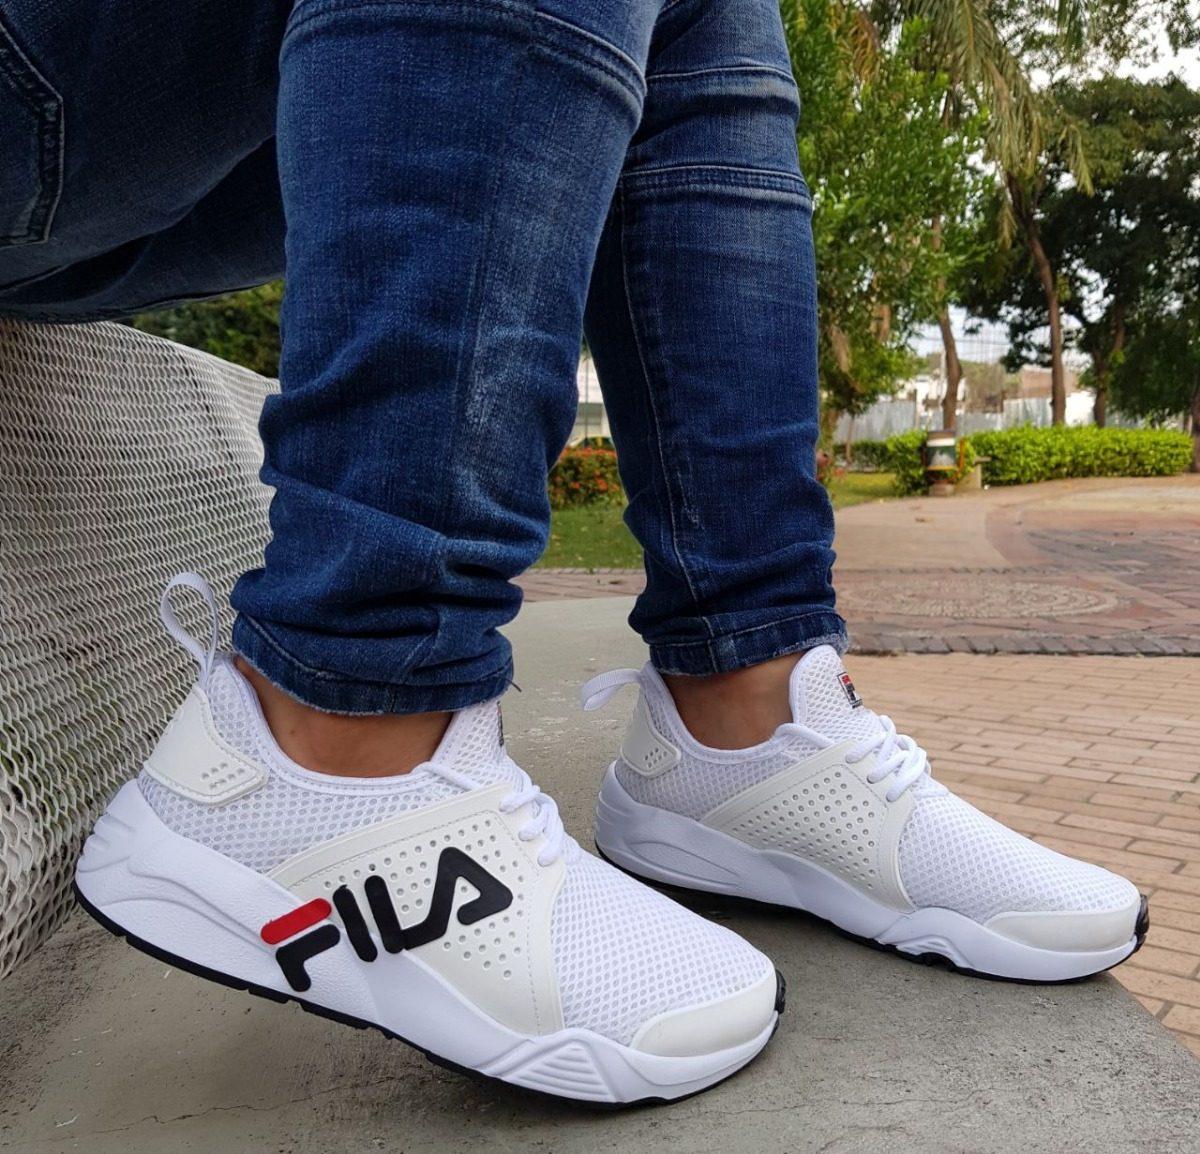 194a7c39f6f56 Tenis Fila Zapatos Deportivos Hombre Calzado Fila -   69.900 en ...